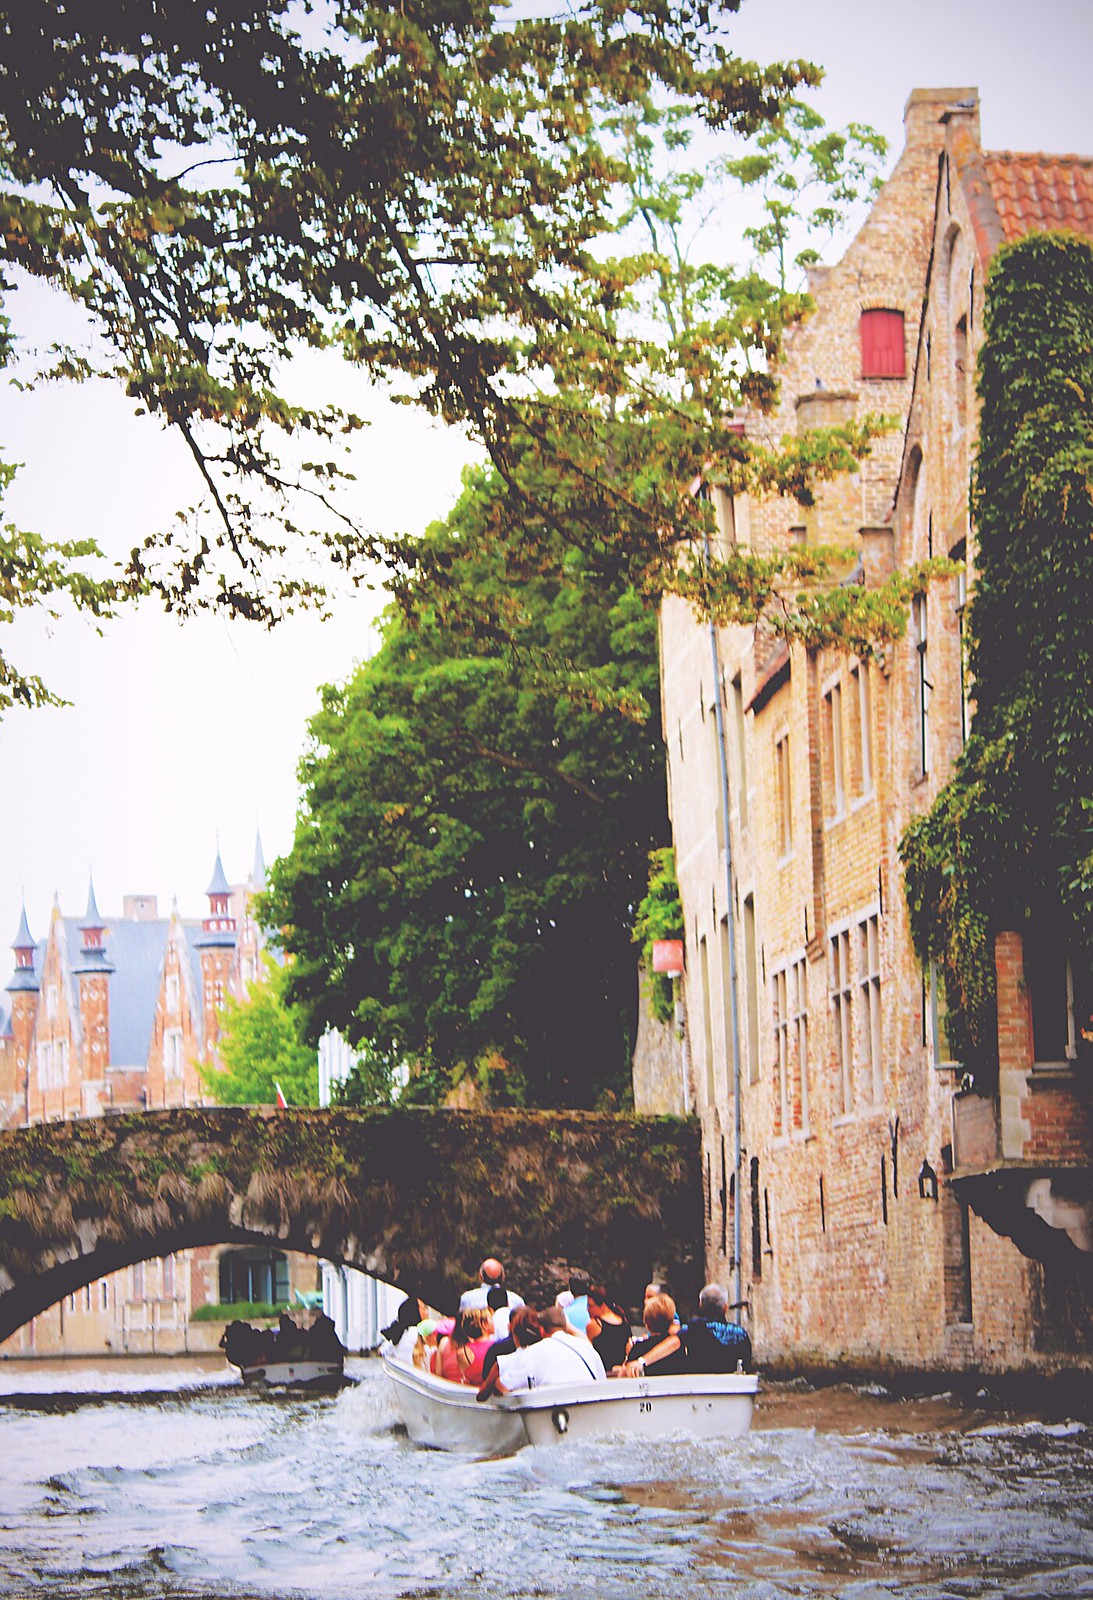 Op zoek naar een leuke bestemming voor een weekendbreak in de herfst? Ga naar Brugge! | via It's Travel O'Clock